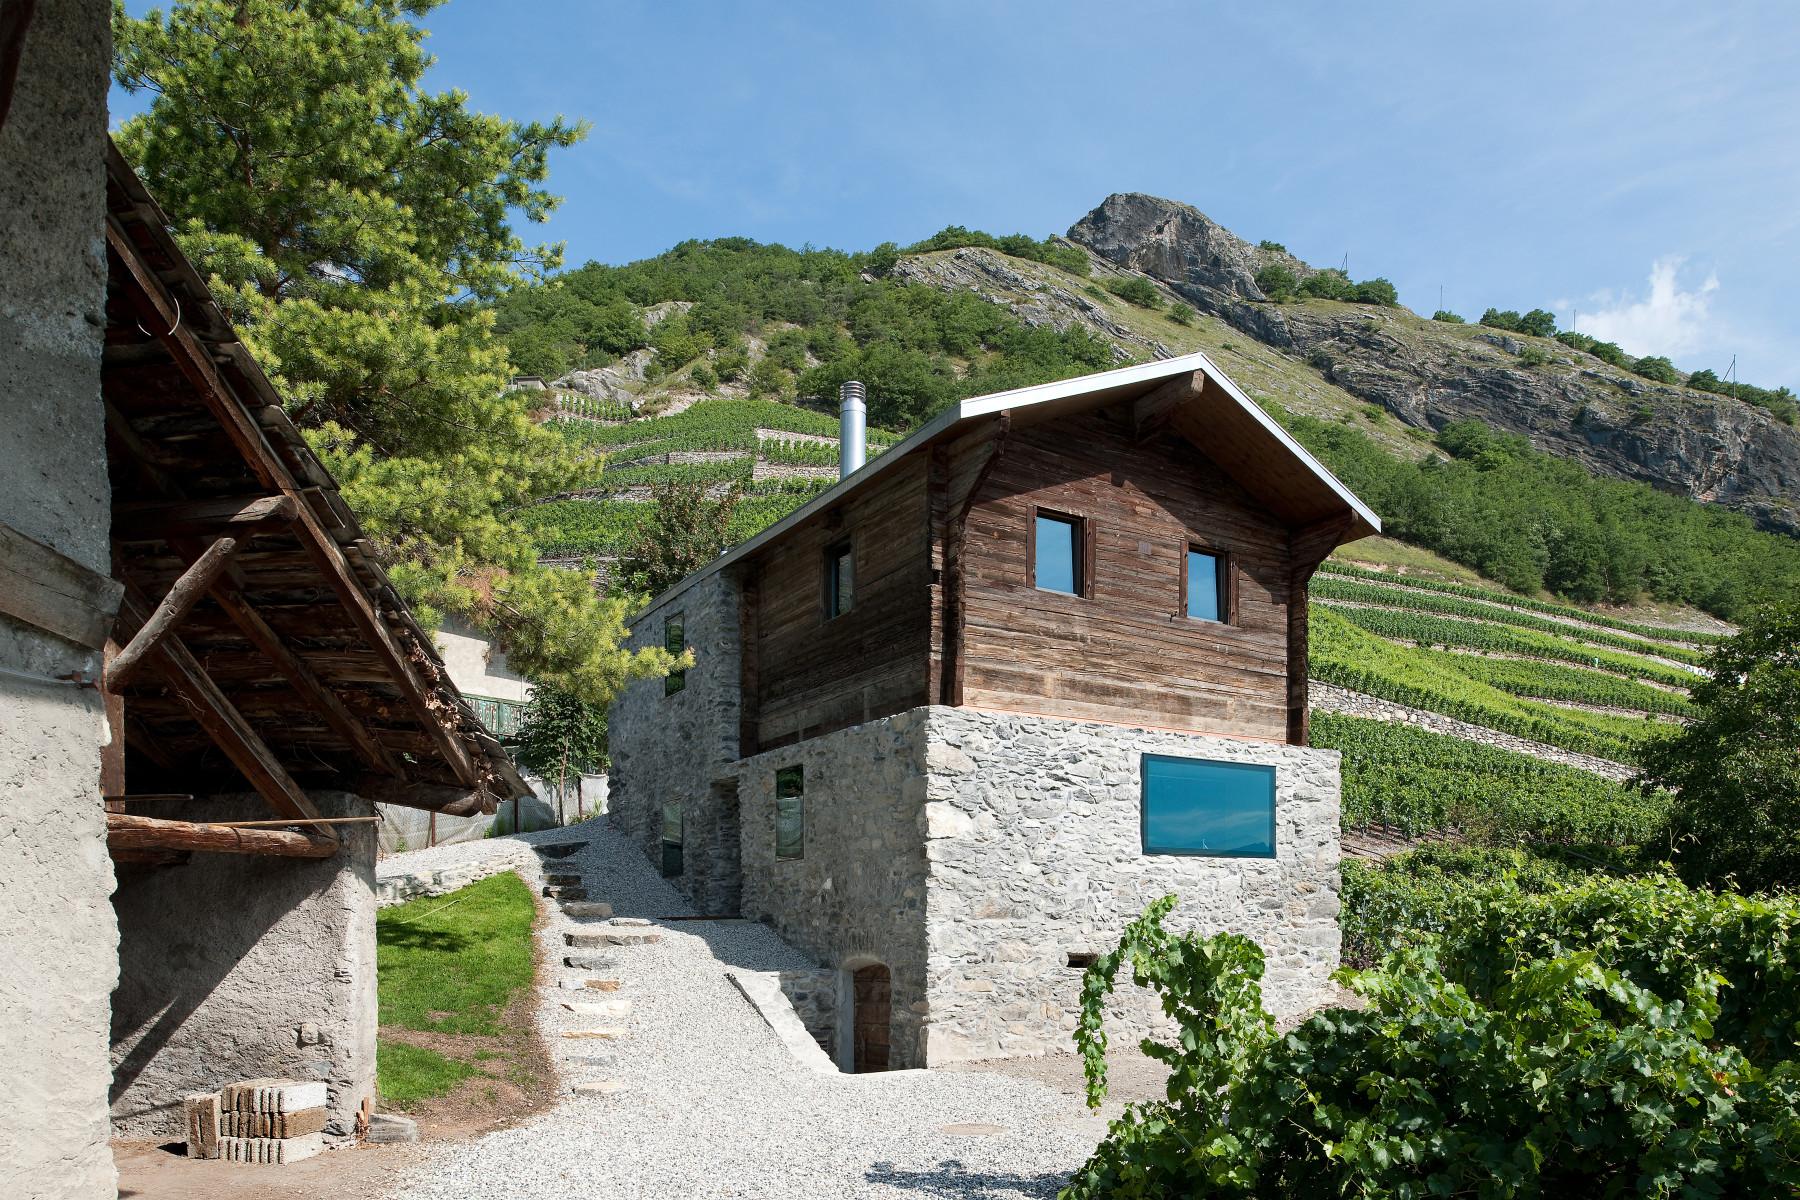 Alpen architektur germanier savioz fabrizzi haus